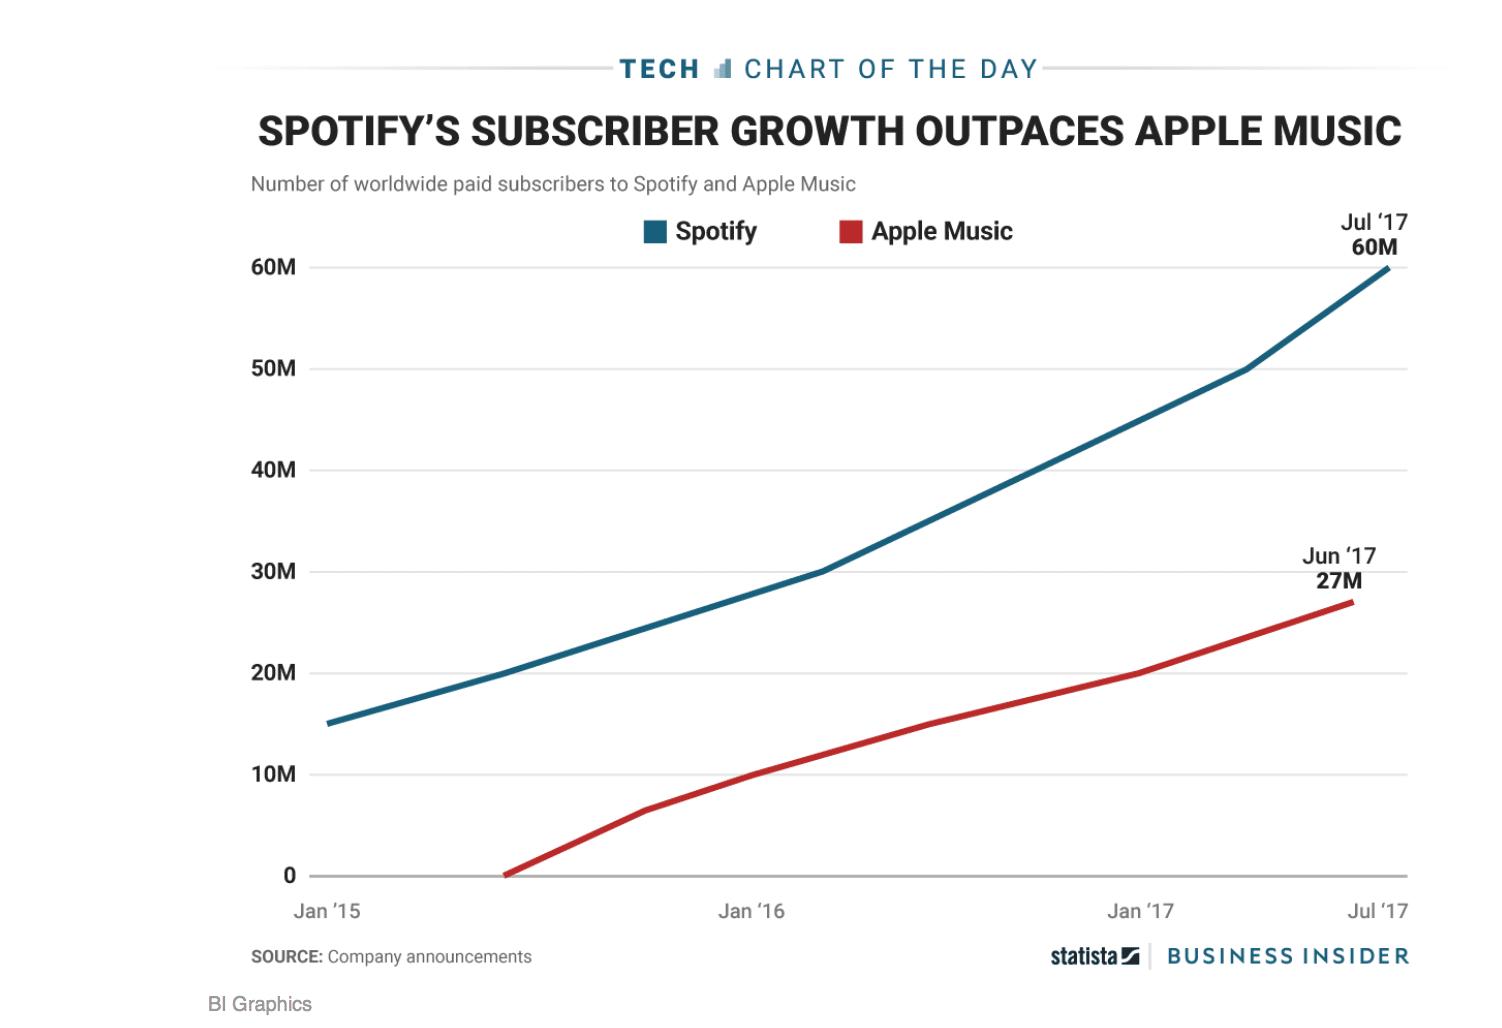 Apple Music, Spotify Abonnenten Stand Juni 2017. Statistik basiert auf Unternehmensmitteilungen